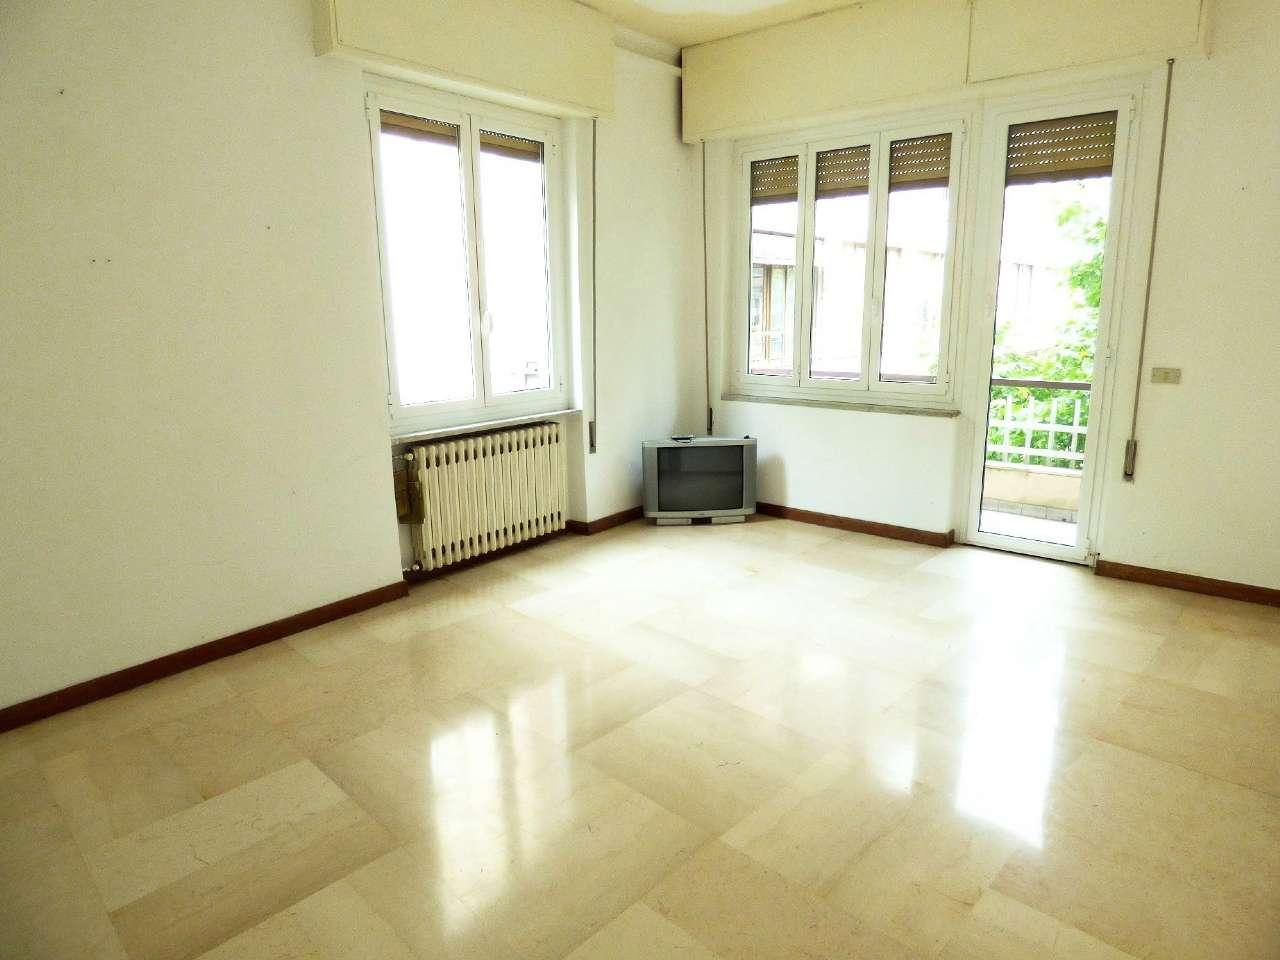 Appartamento in vendita a Moconesi, 4 locali, prezzo € 69.000 | PortaleAgenzieImmobiliari.it